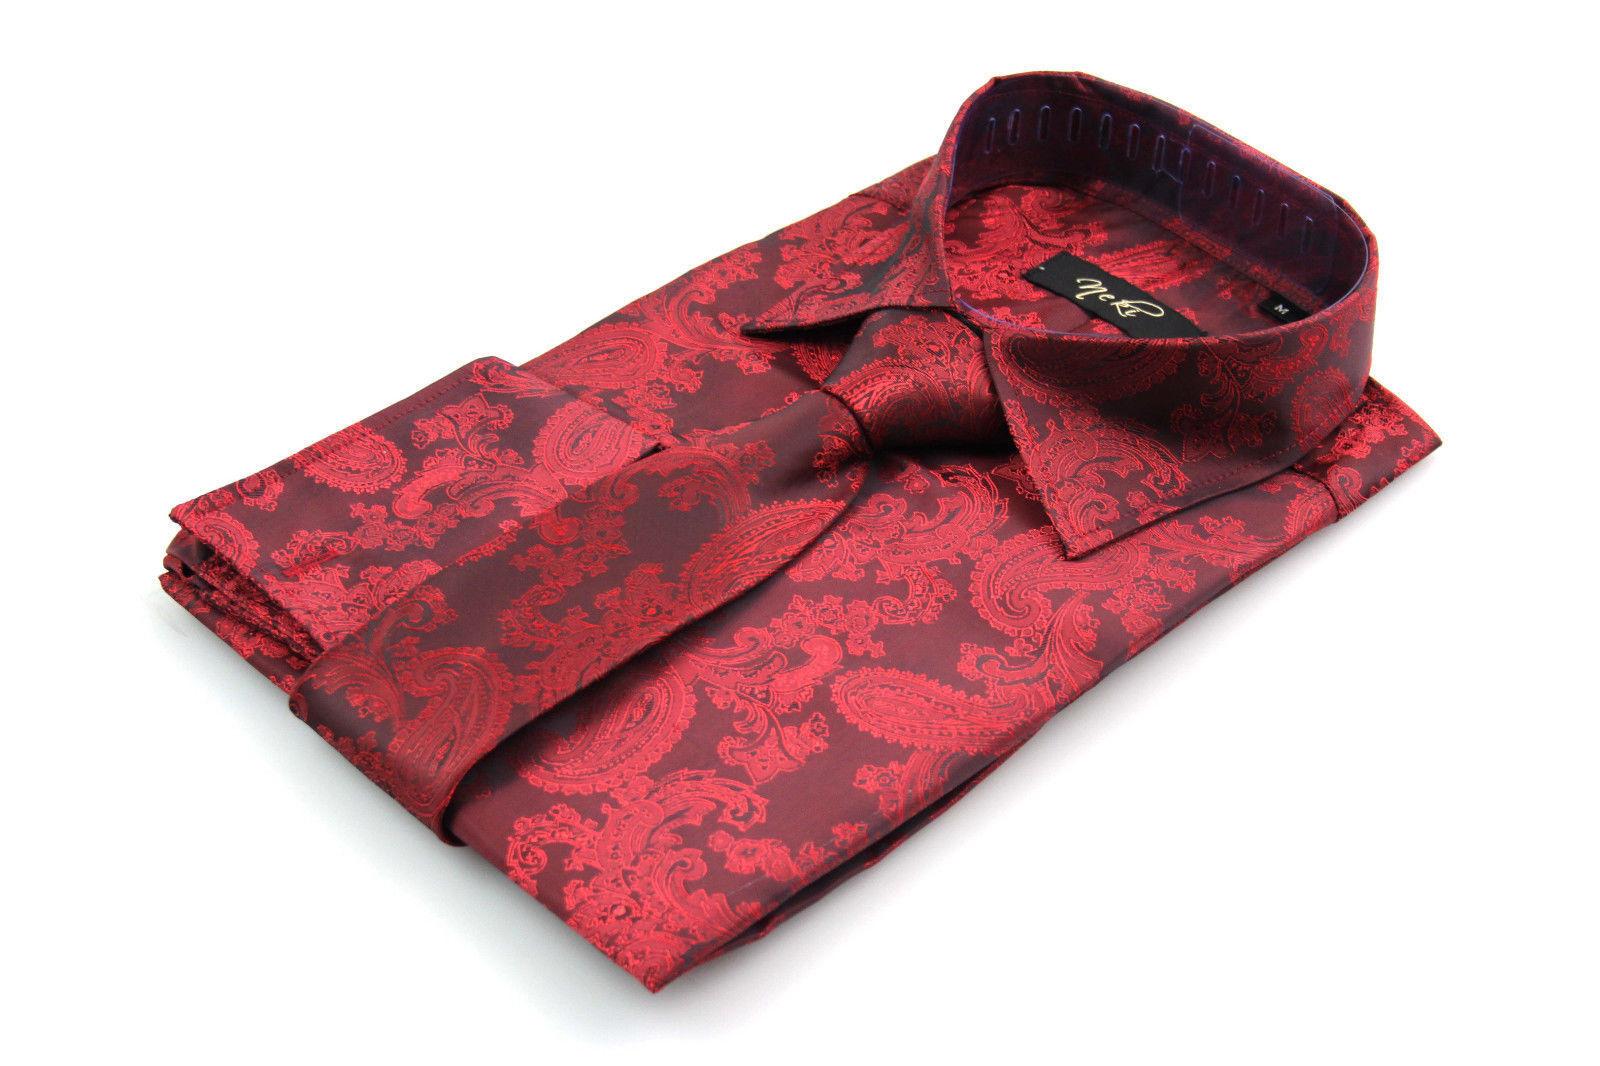 Uomo Rosso Raso Seta Look Motivo Cachemire Camicia Formale Tutte le Misure